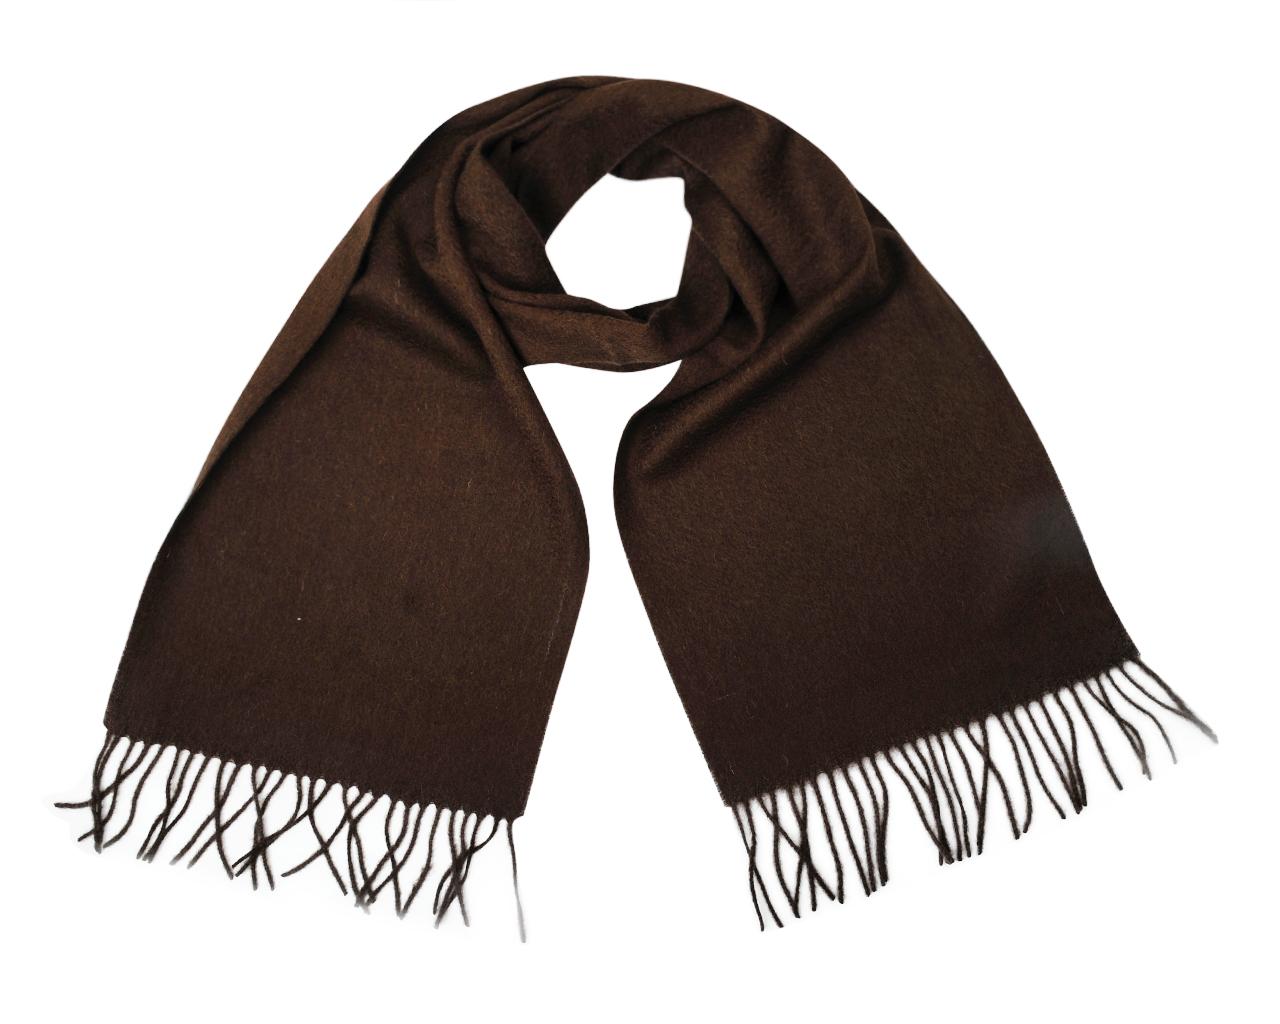 Шарф мужской. WBS01WBS01-038Мужской шарф Fabretti, выполненный из шерсти с добавлением кашемира, отлично подойдет для повседневной носки. Материал шарфа очень мягкий и приятный на ощупь. Благодаря составу, изделие максимально сохраняет тепло. По краям модель декорирована тонкими кисточками, скрученными в жгутики. Этот модный аксессуар гармонично дополнит ваш образ, а также подарит ощущение тепла, комфорта и уюта.